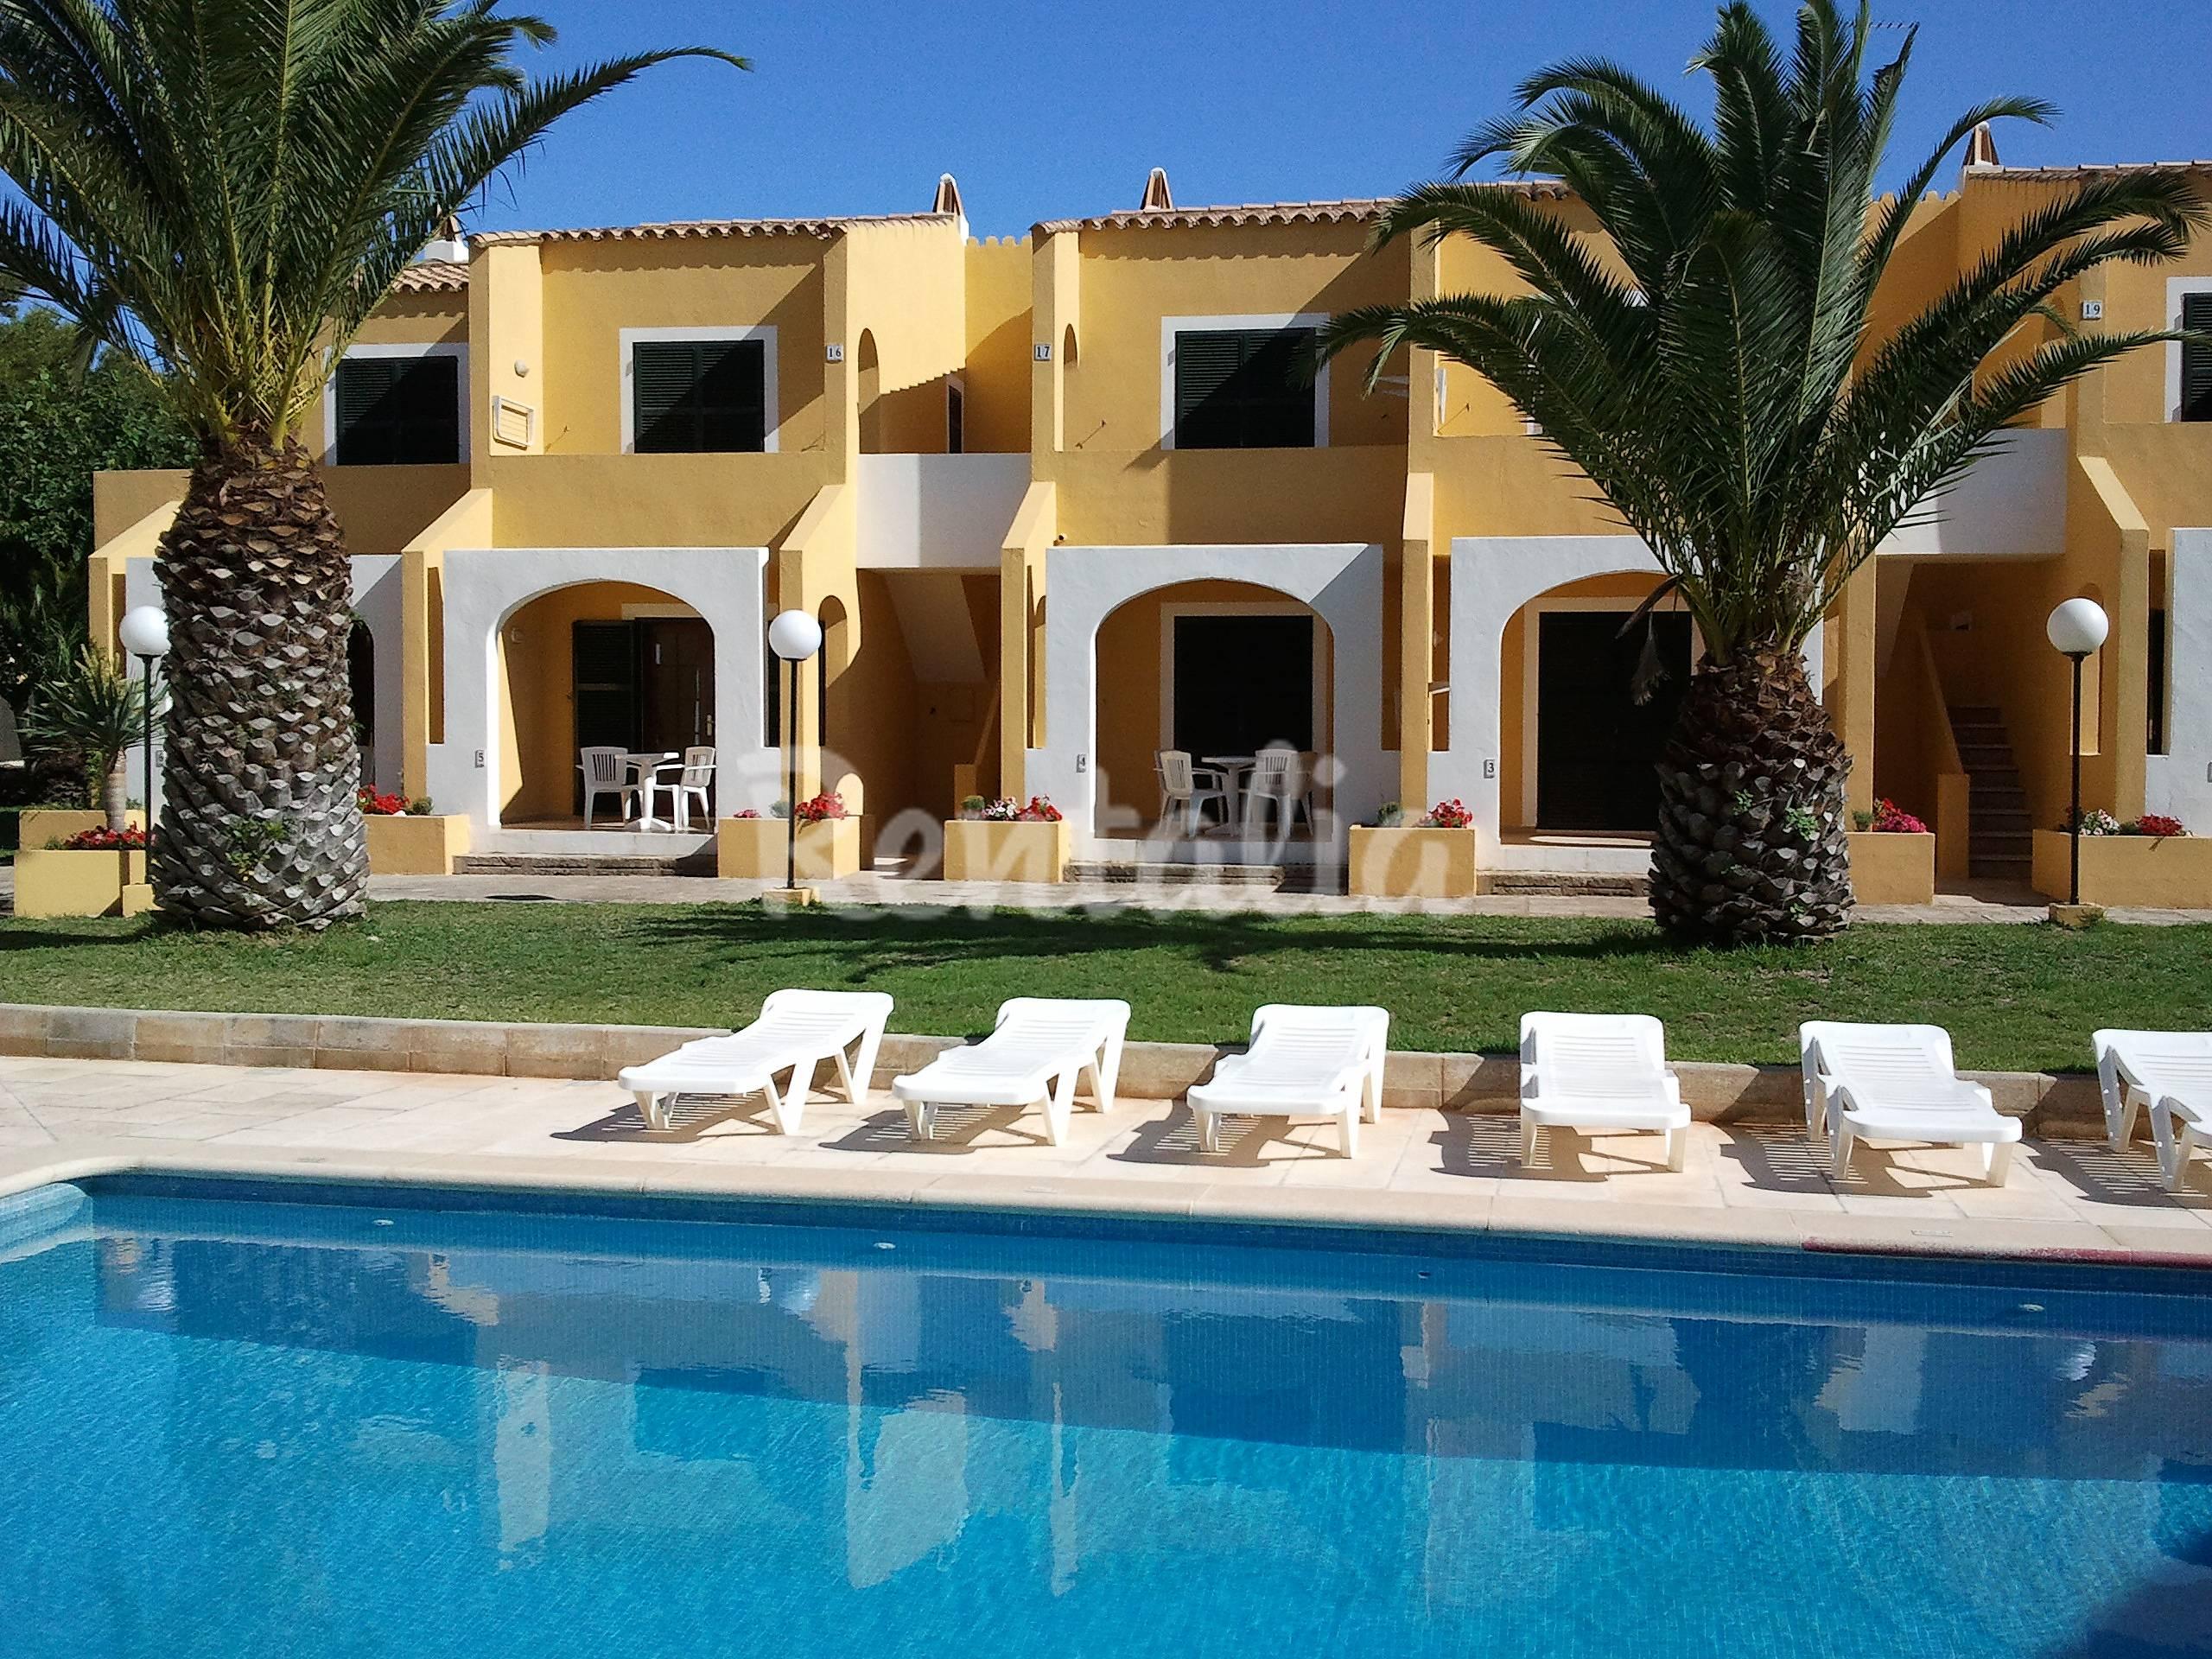 Costa menorca 2 apartamentos cerca de la playa son xoriguer ciutadella de menorca menorca - Apartamentos voramar menorca ...